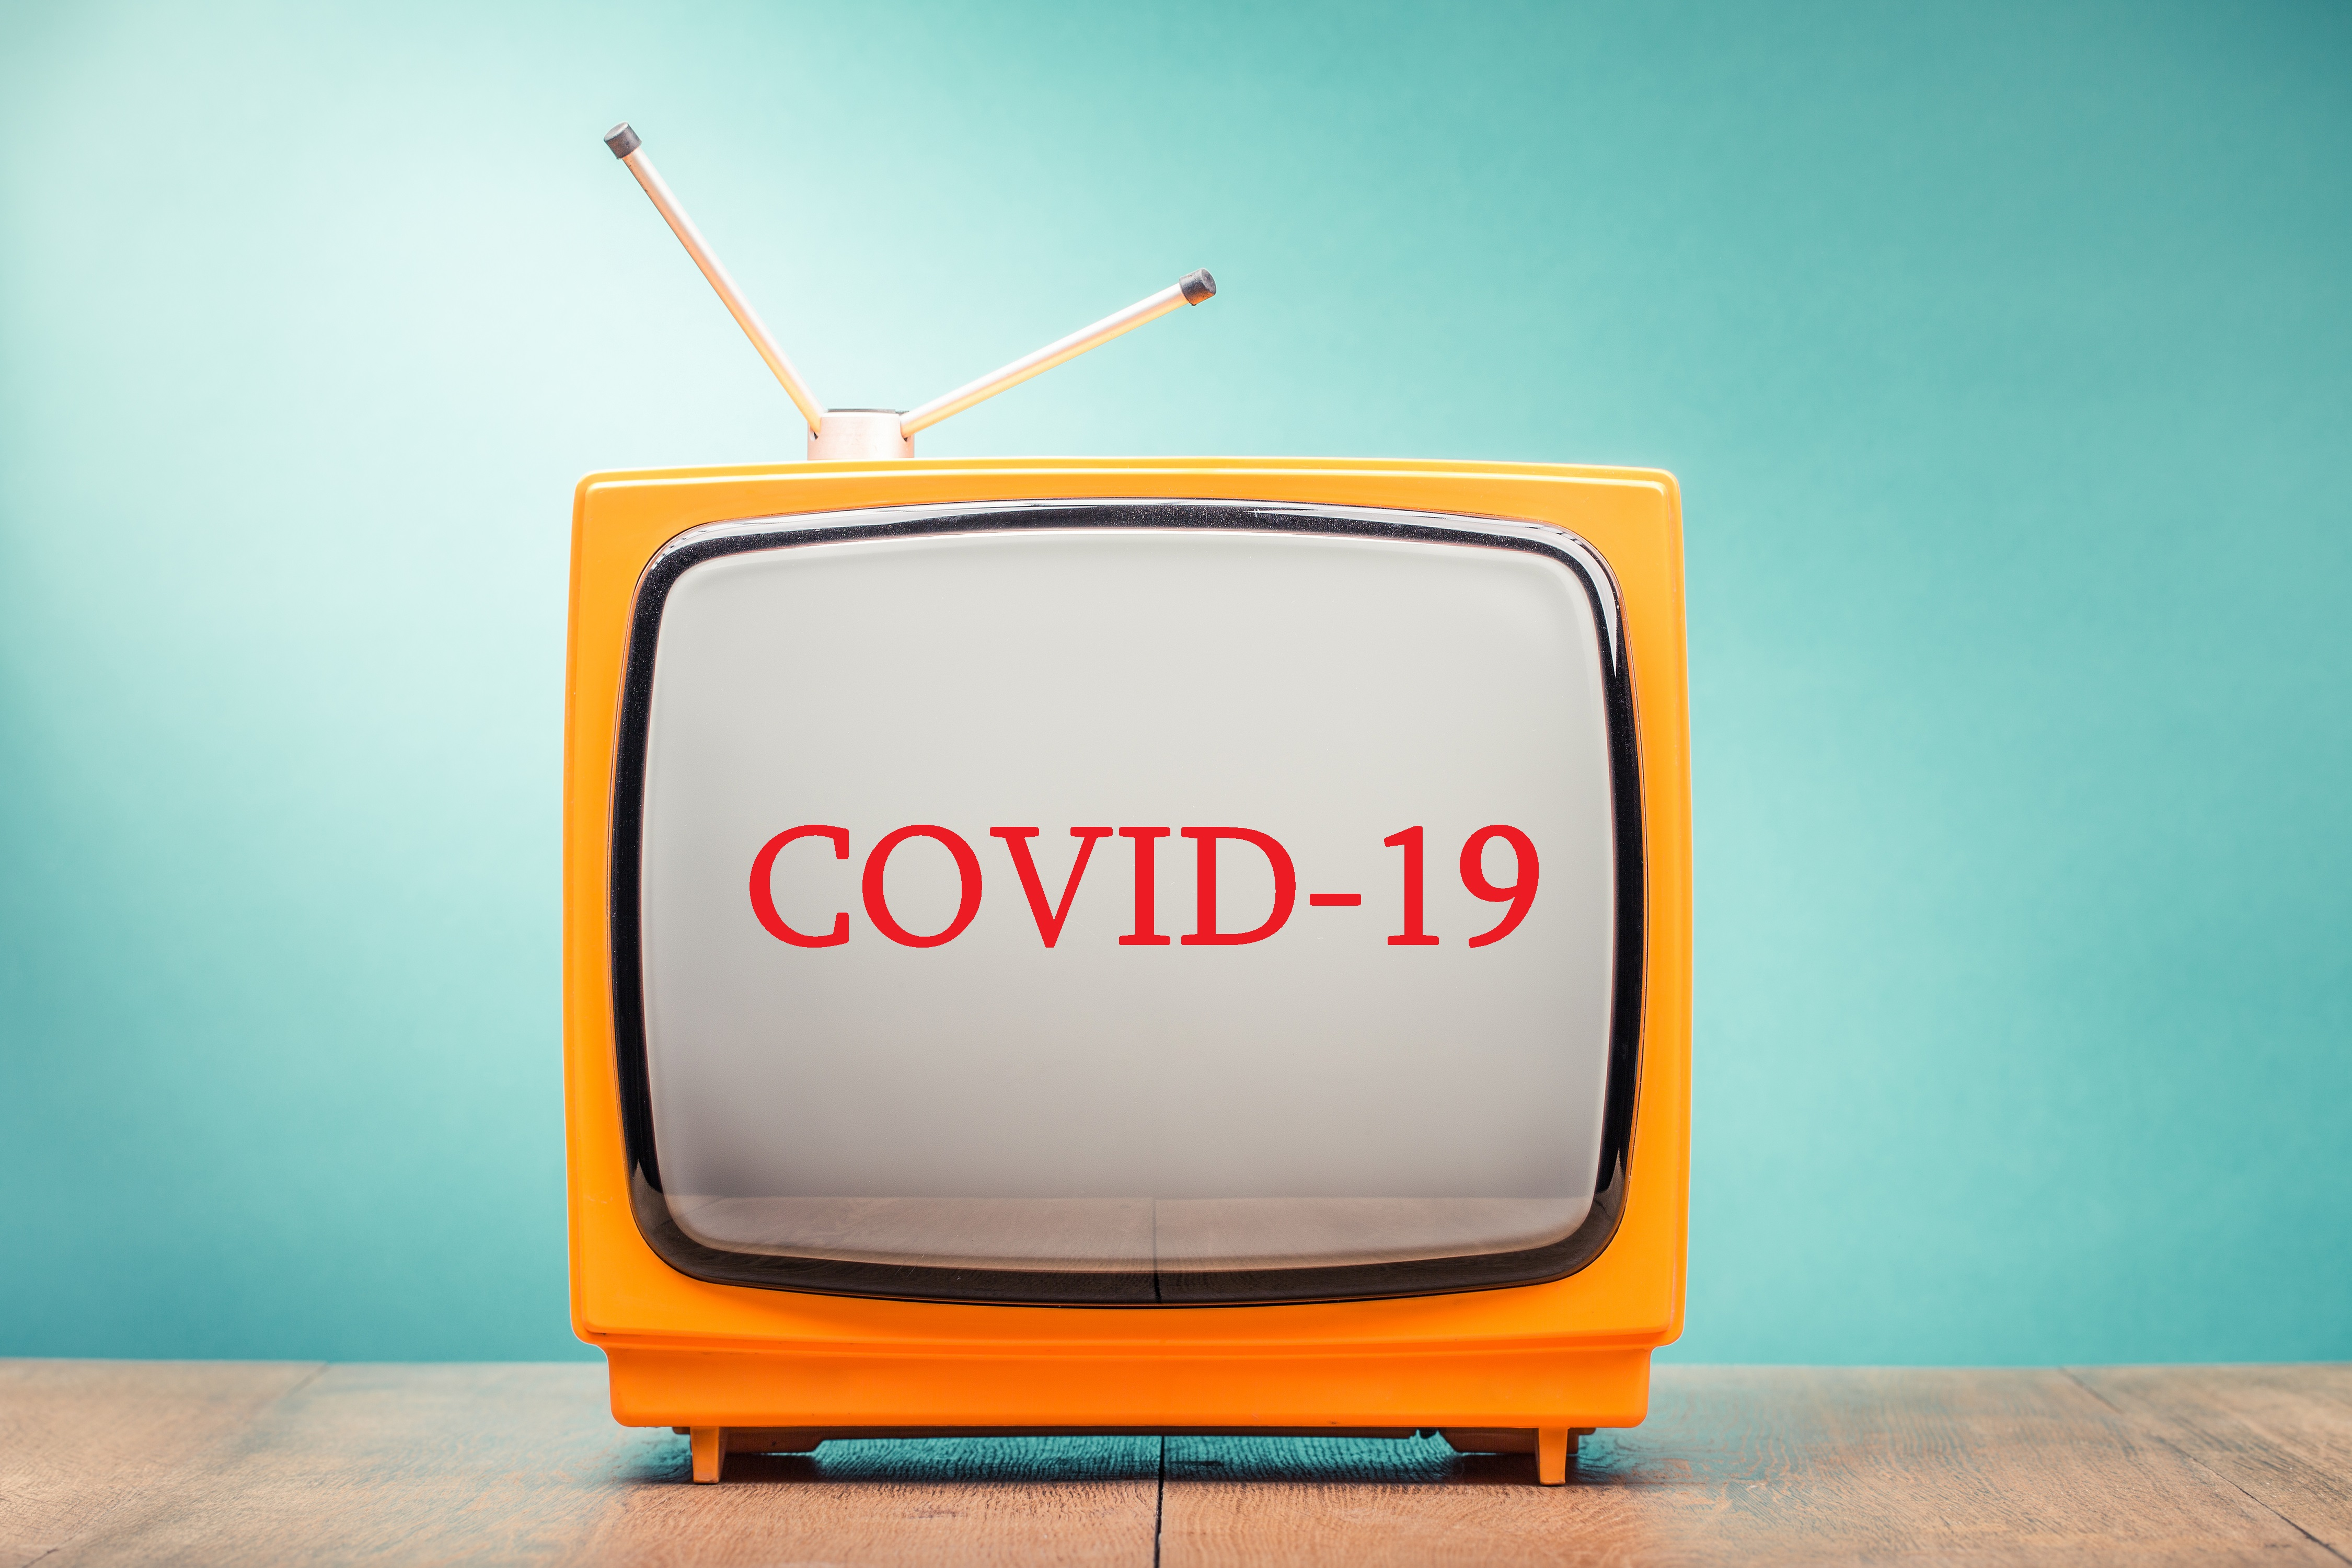 COVID-19-ის გავლენა ტელეყურებაზე